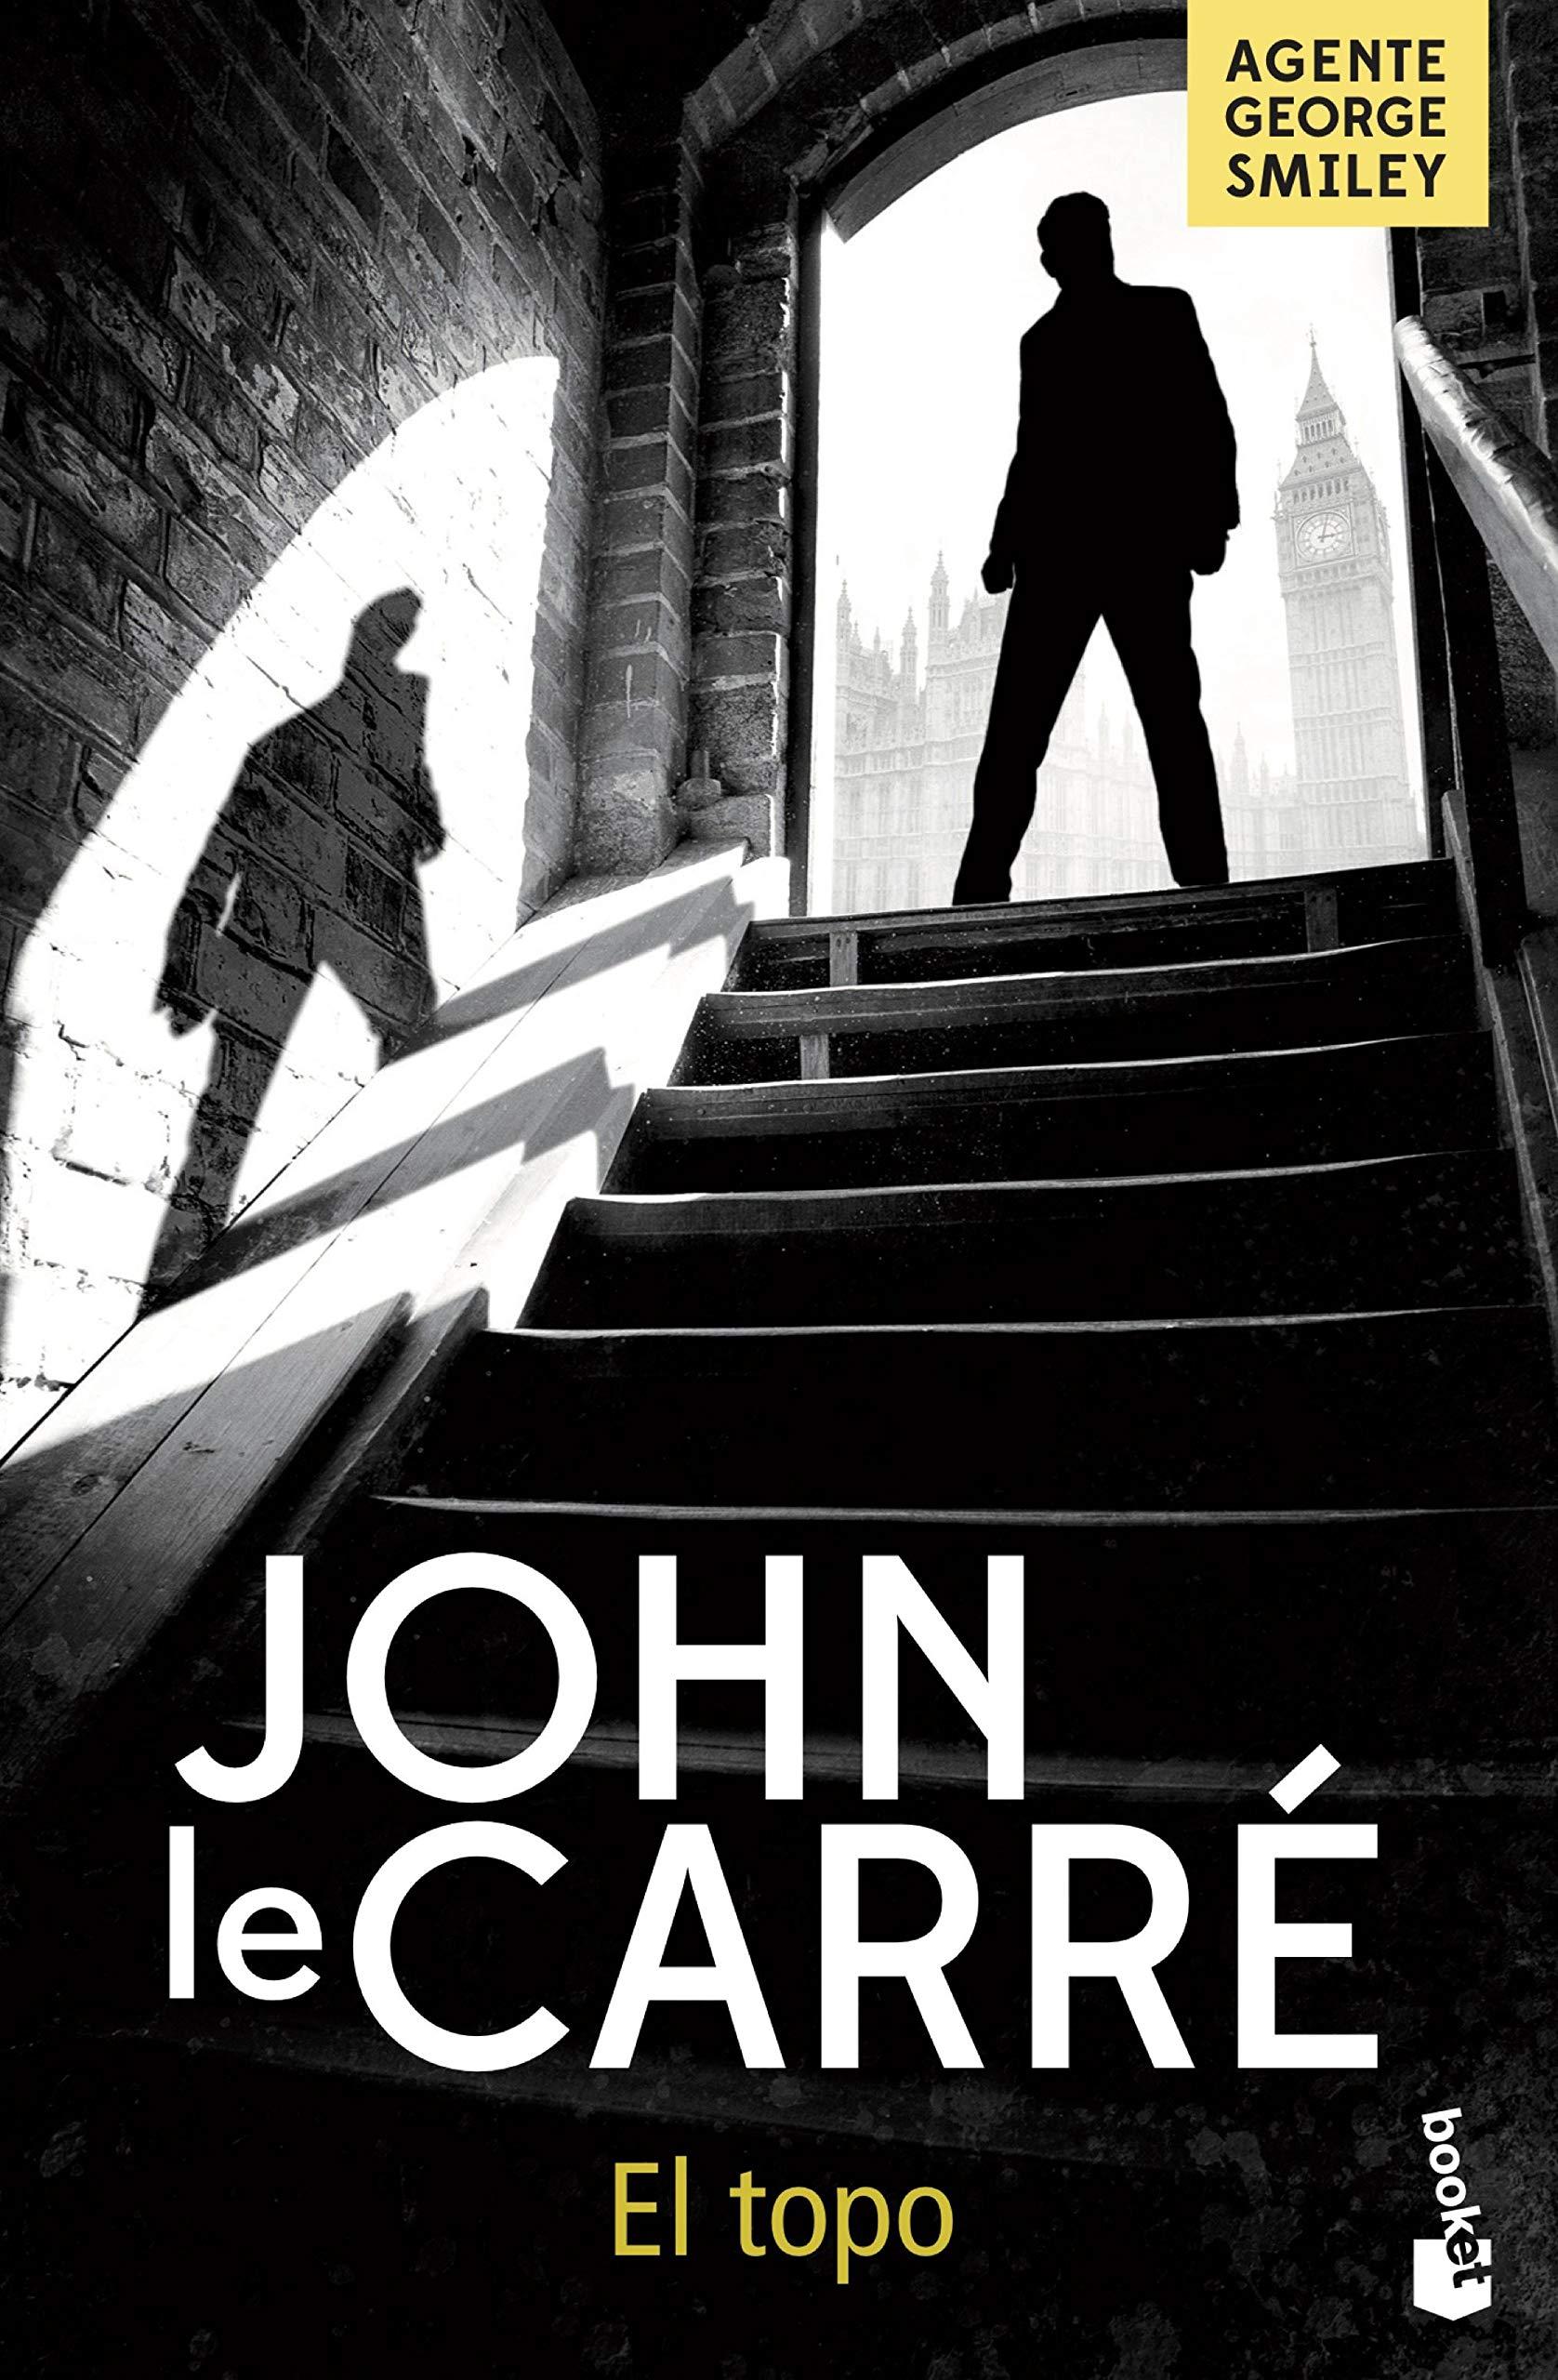 El topo, de John le Carré